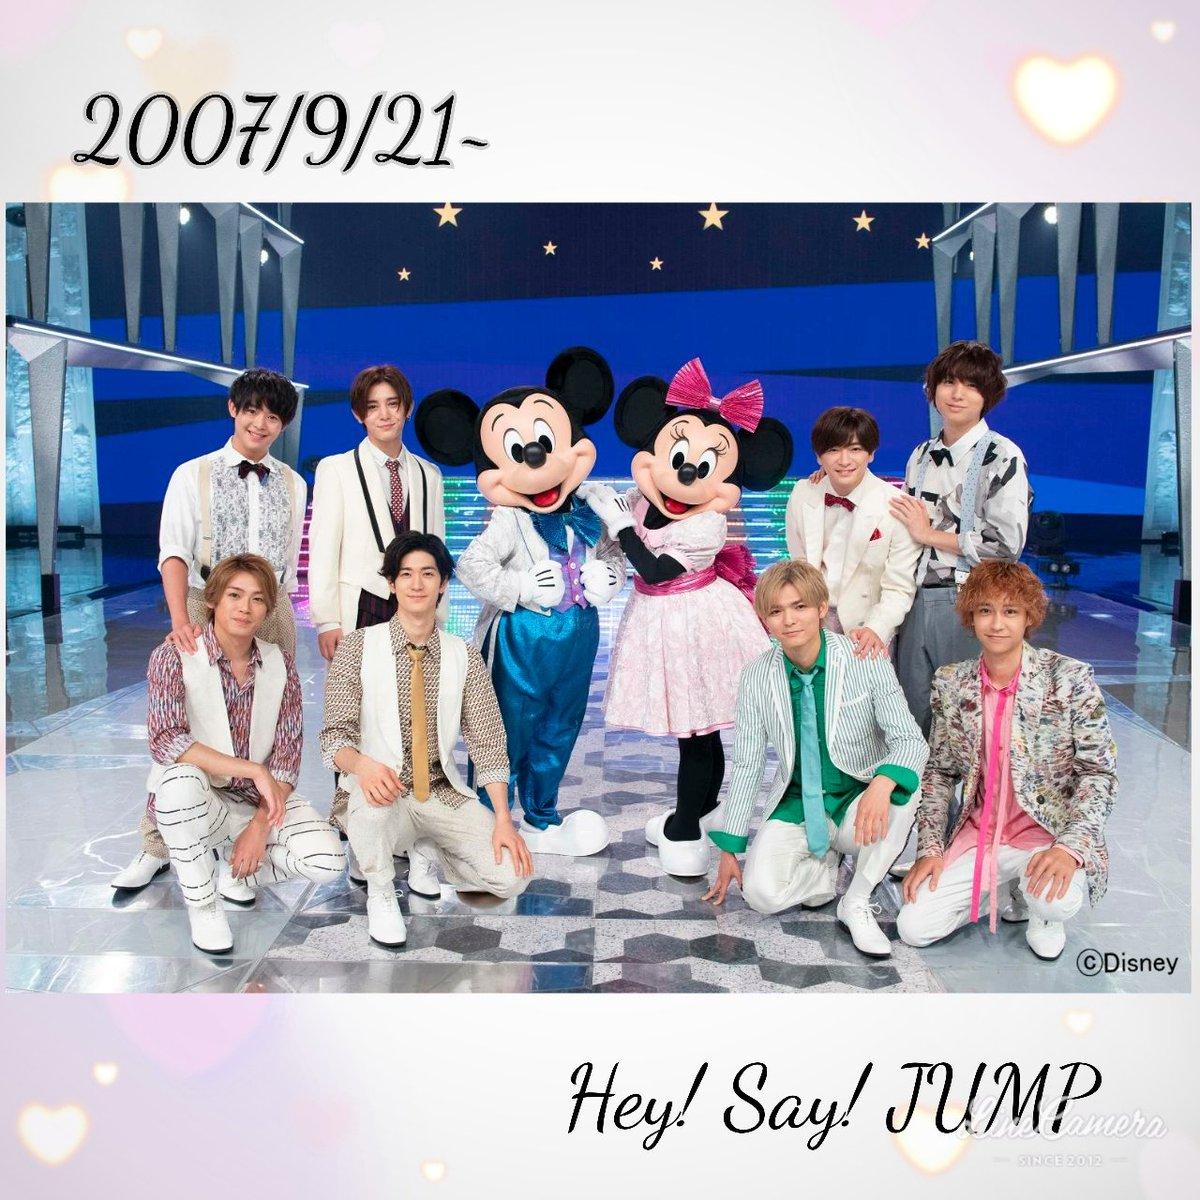 結成13年おめでとうございます! JUMP担になってから毎日がとても幸せです。いつもたくさんの幸せを本当にありがとうございます。 これからも応援してます。大好きです #Hey! Say! JUMP #JUMP13周年 #13周年Anniversary https://t.co/aSyVvBM1jH